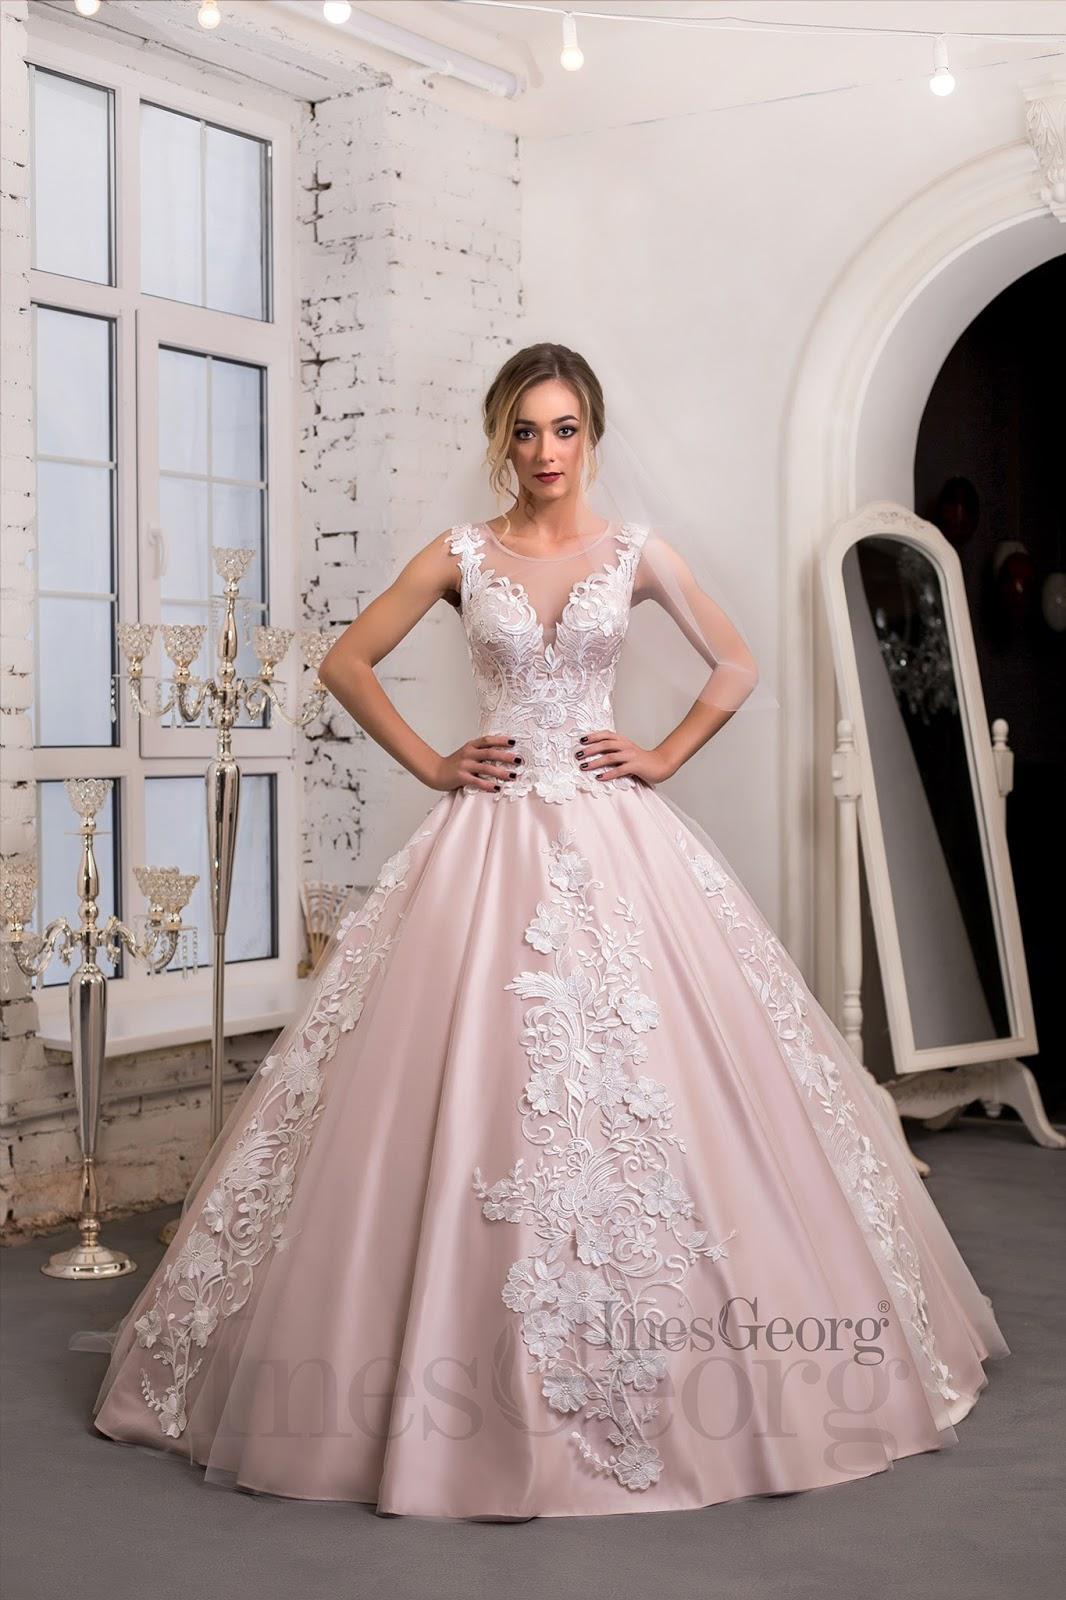 319e1733afe2 svadobné šaty Ines Georg - kolekcia 2018